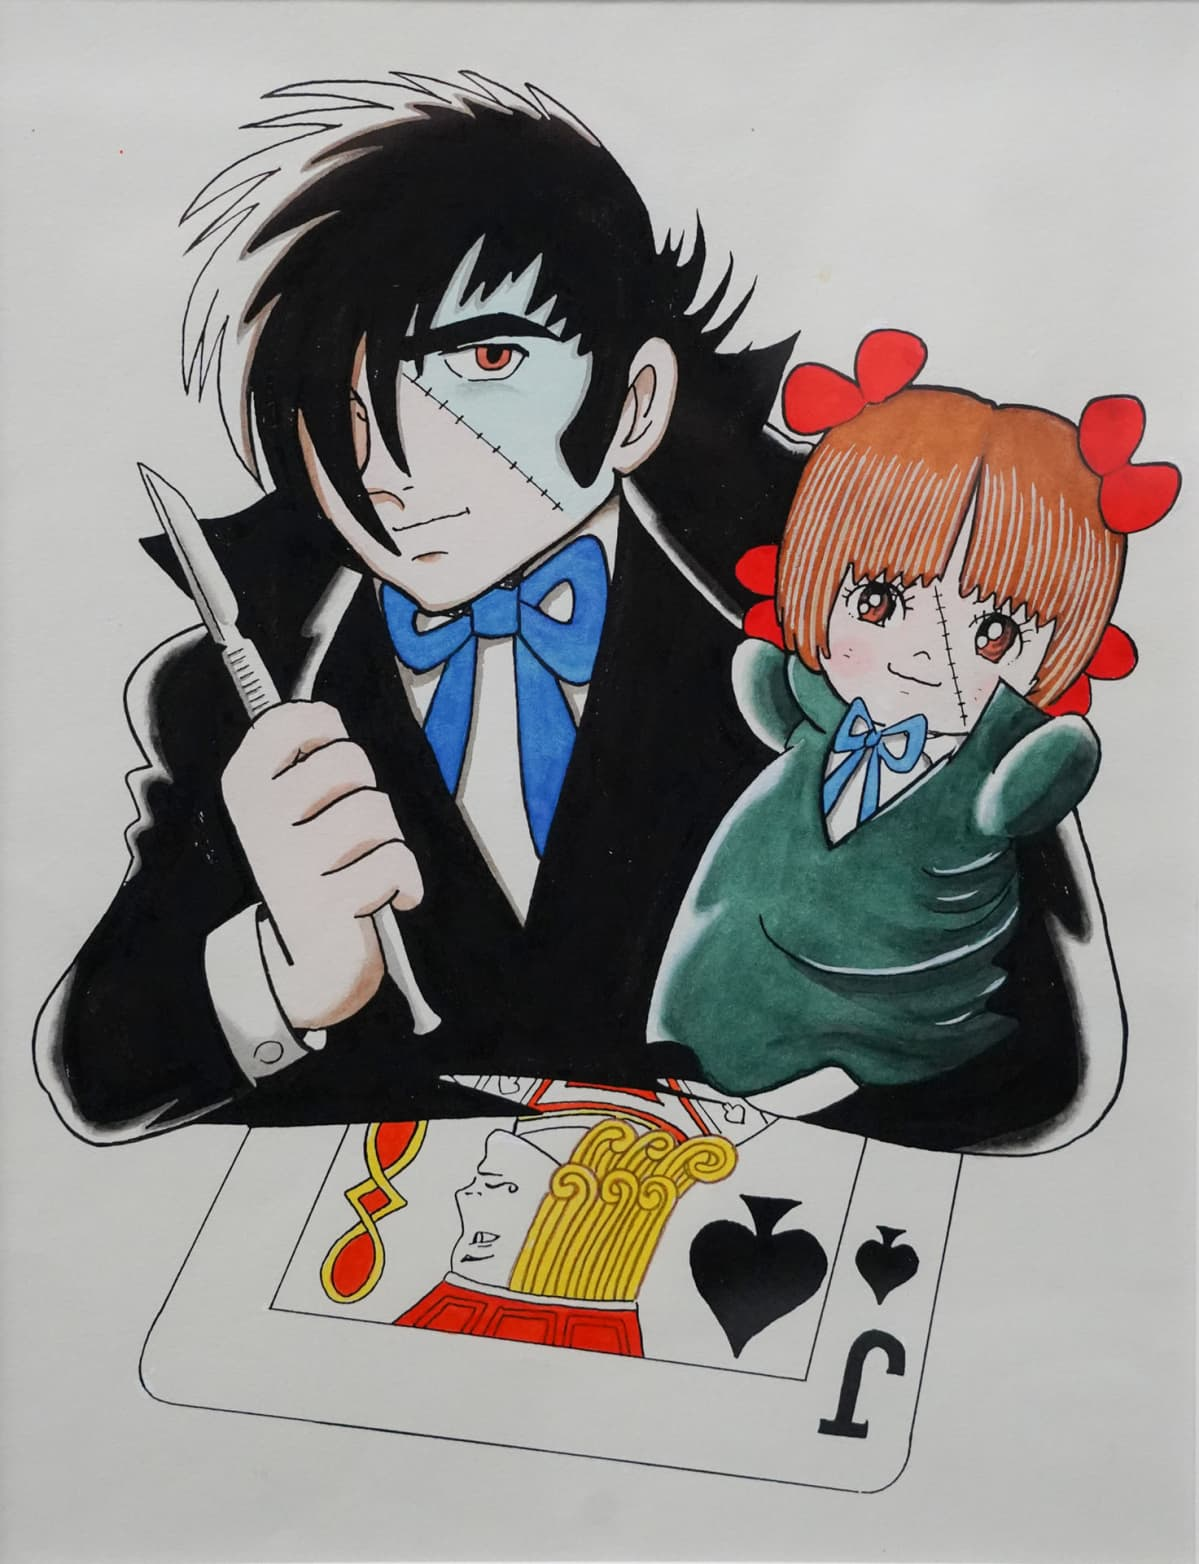 Black Jack, Osamu Tezuka, Tampereen taidemuseo, manga